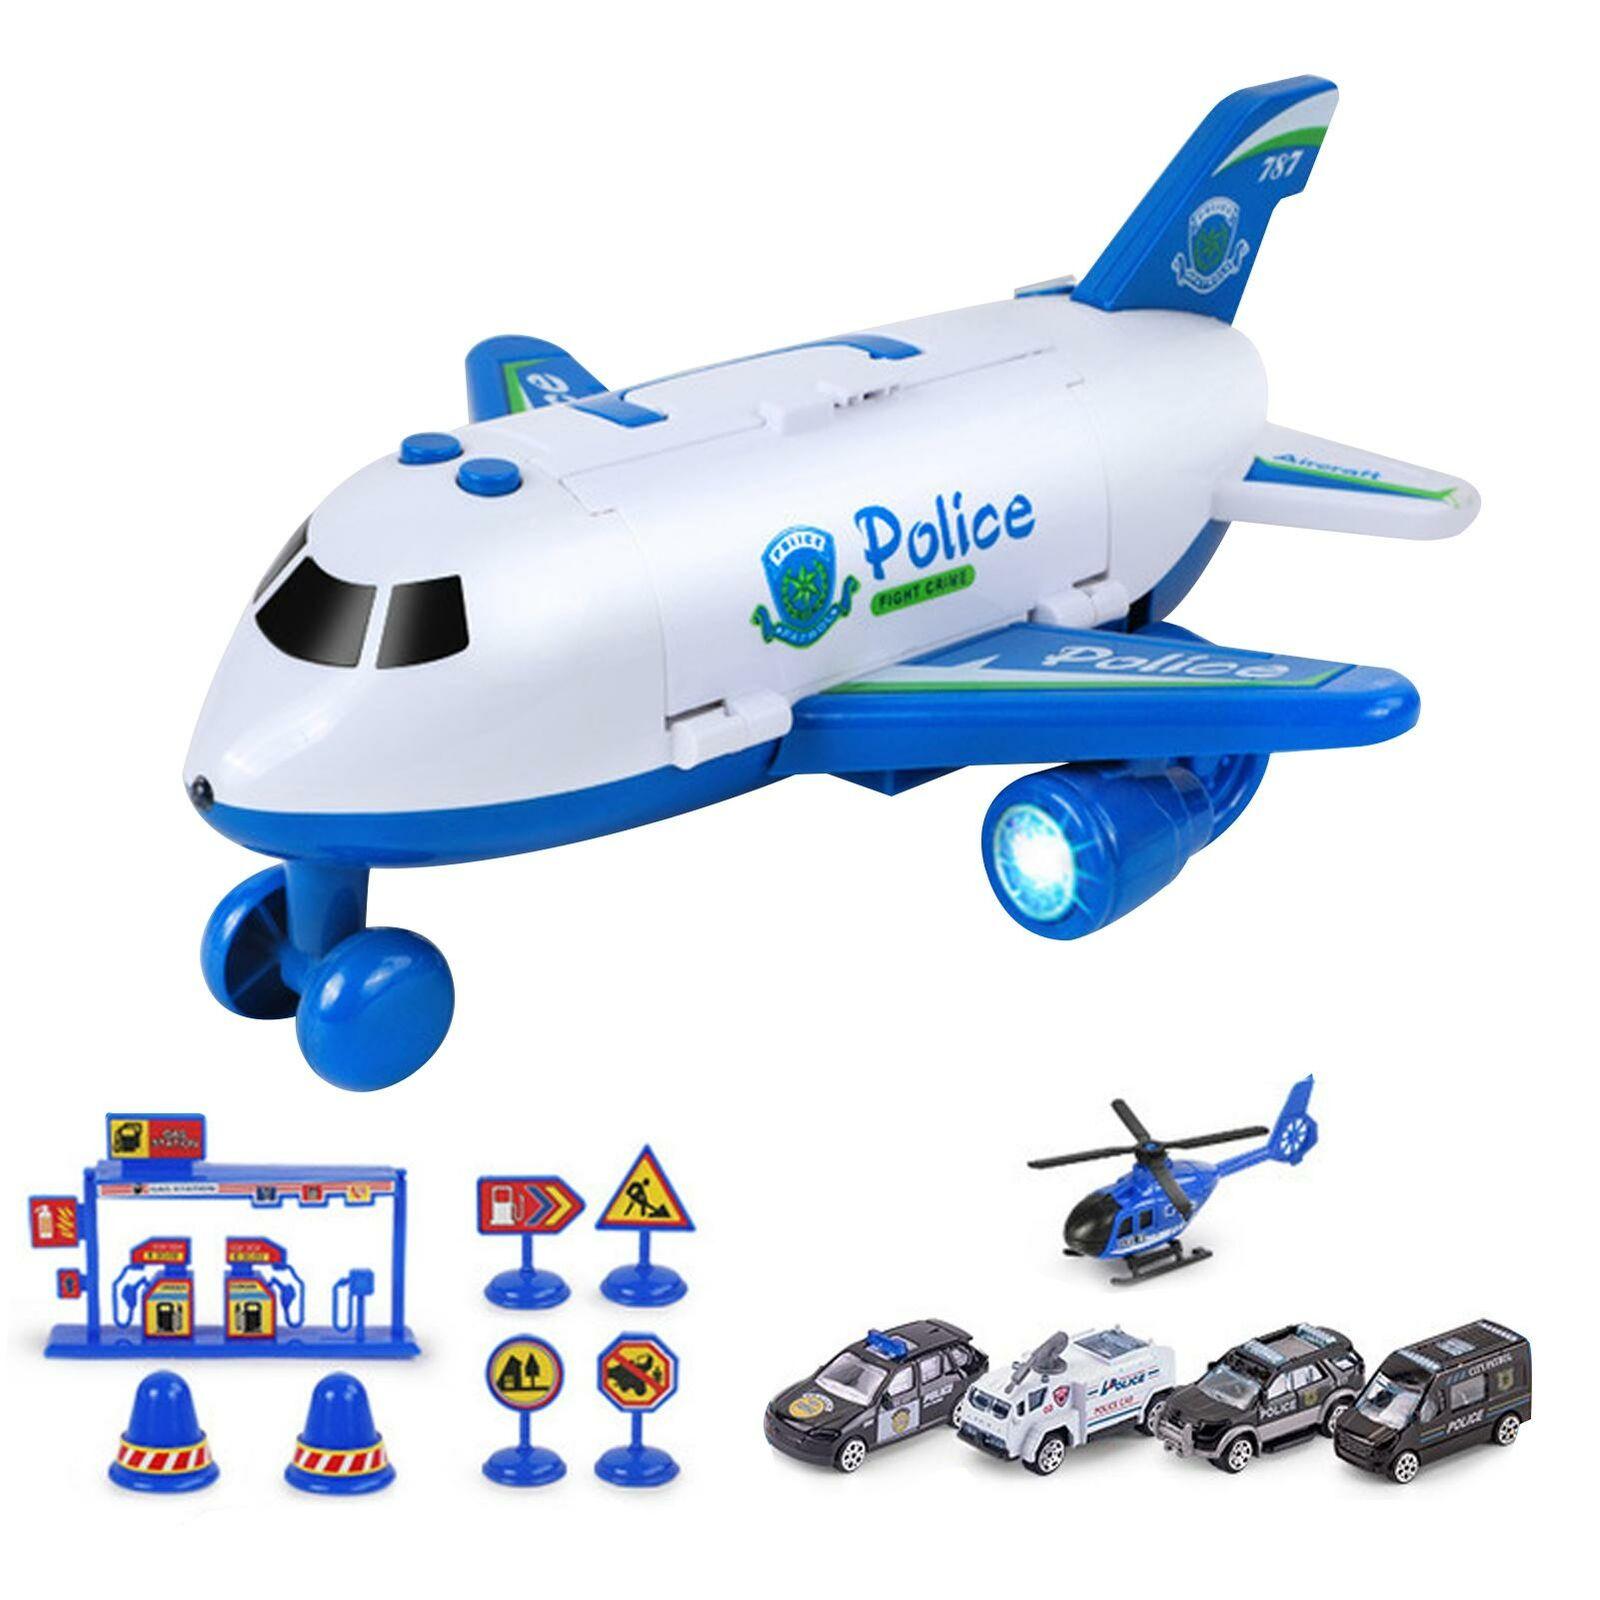 12-teiliges Autospielzeug-Set mit Transport-Frachtflugzeug und großem Mini-Spiel